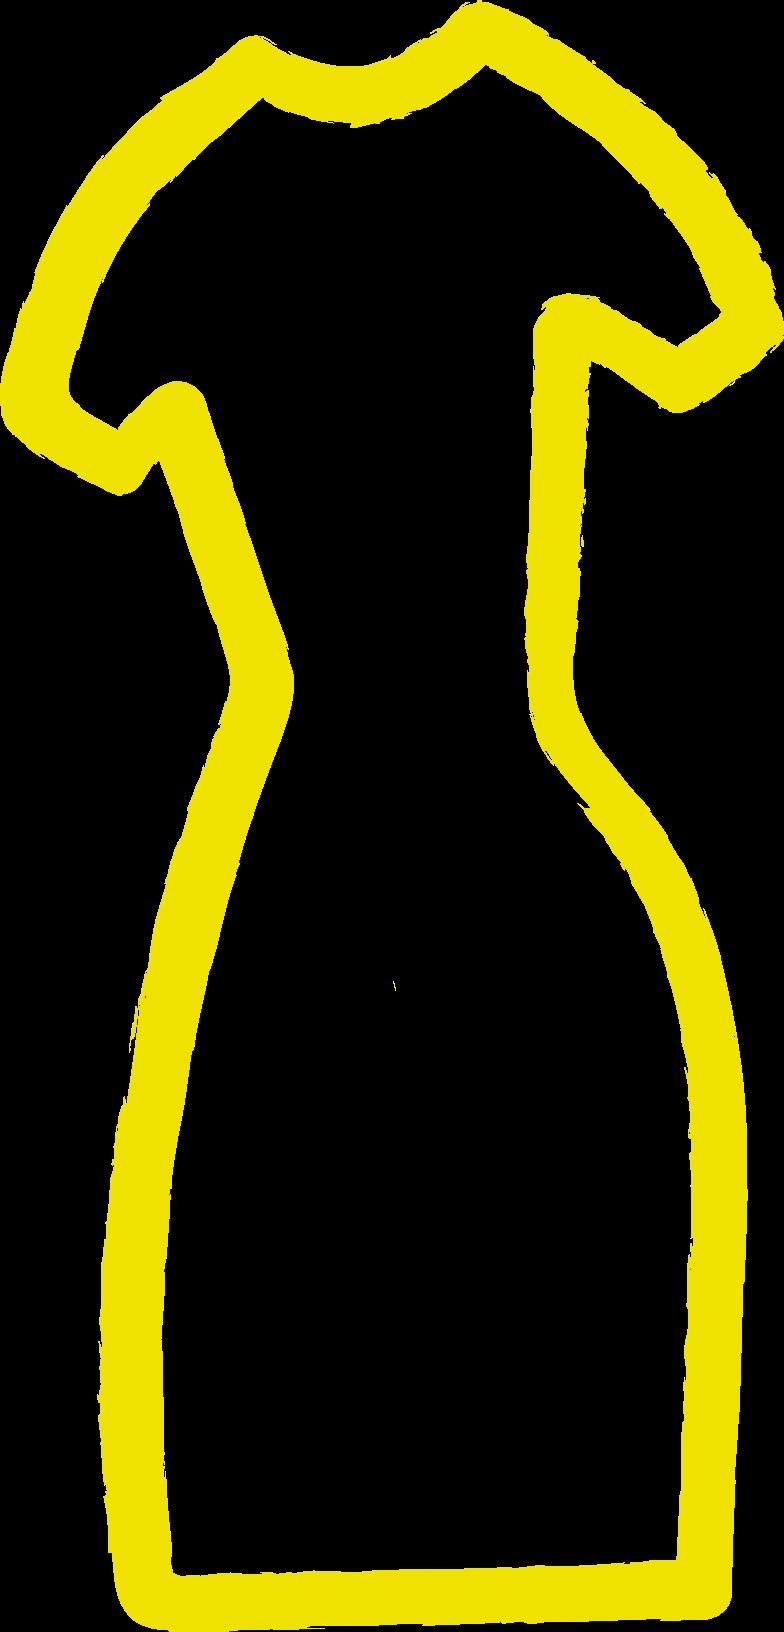 dress Clipart illustration in PNG, SVG